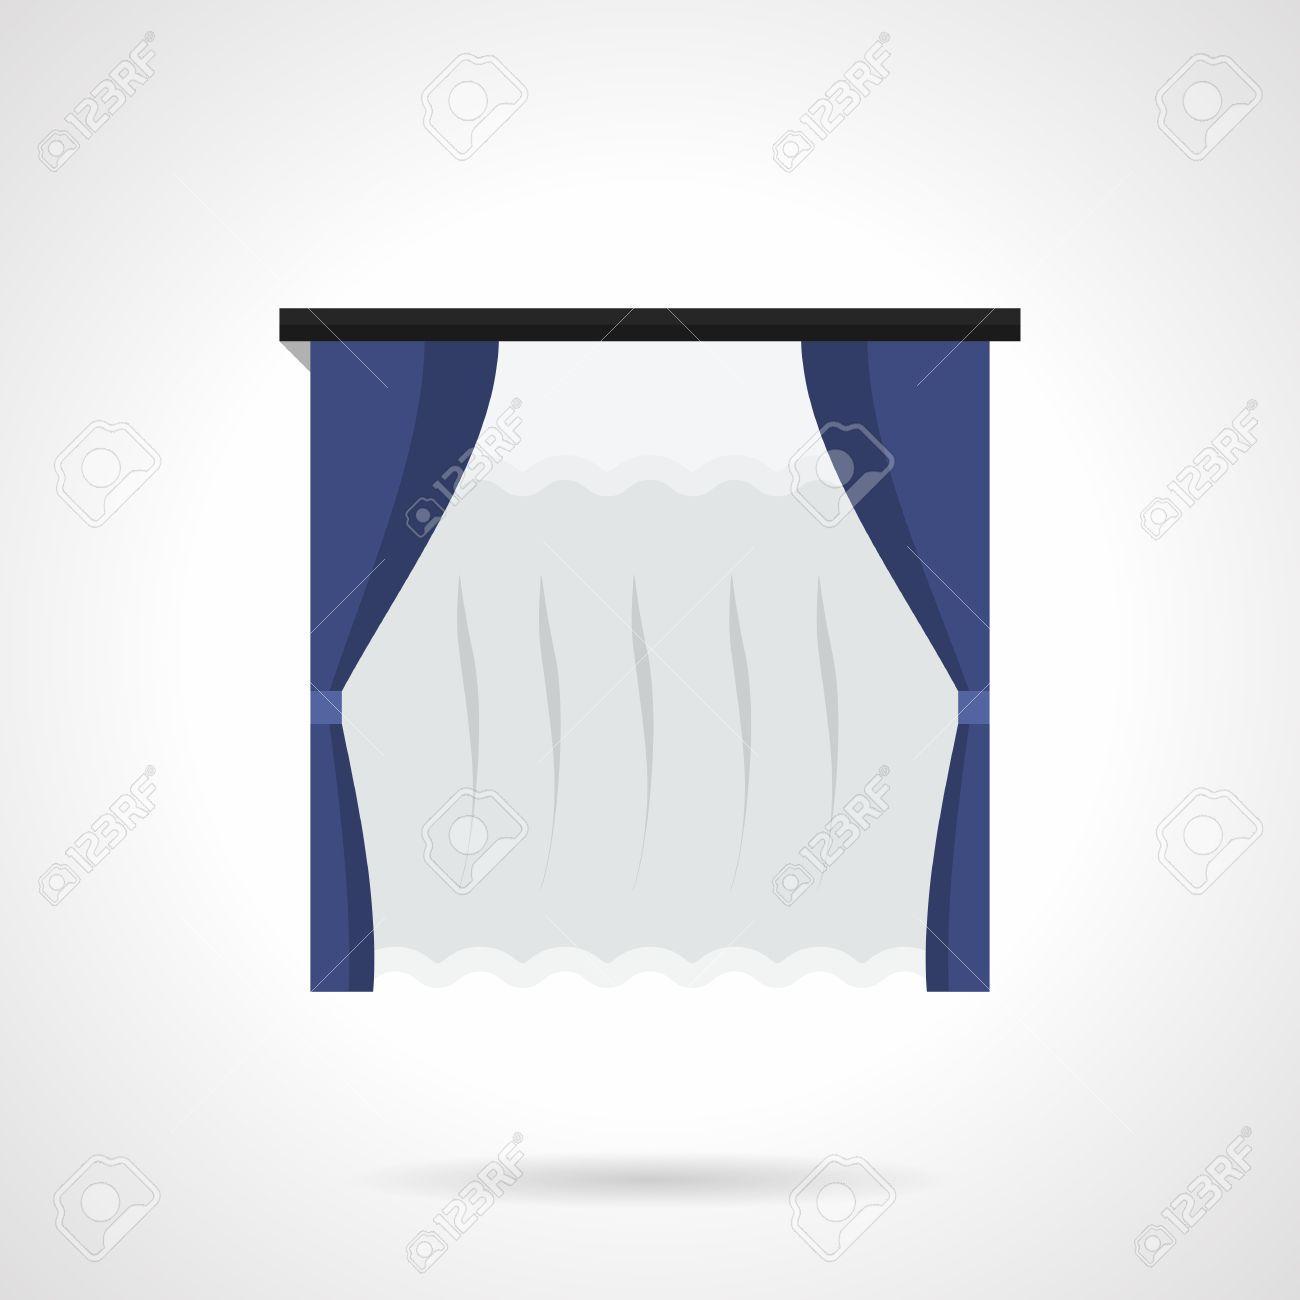 Hanging Rideaux Bleus Avec Tulle Tissus Pour Fenetre Decor